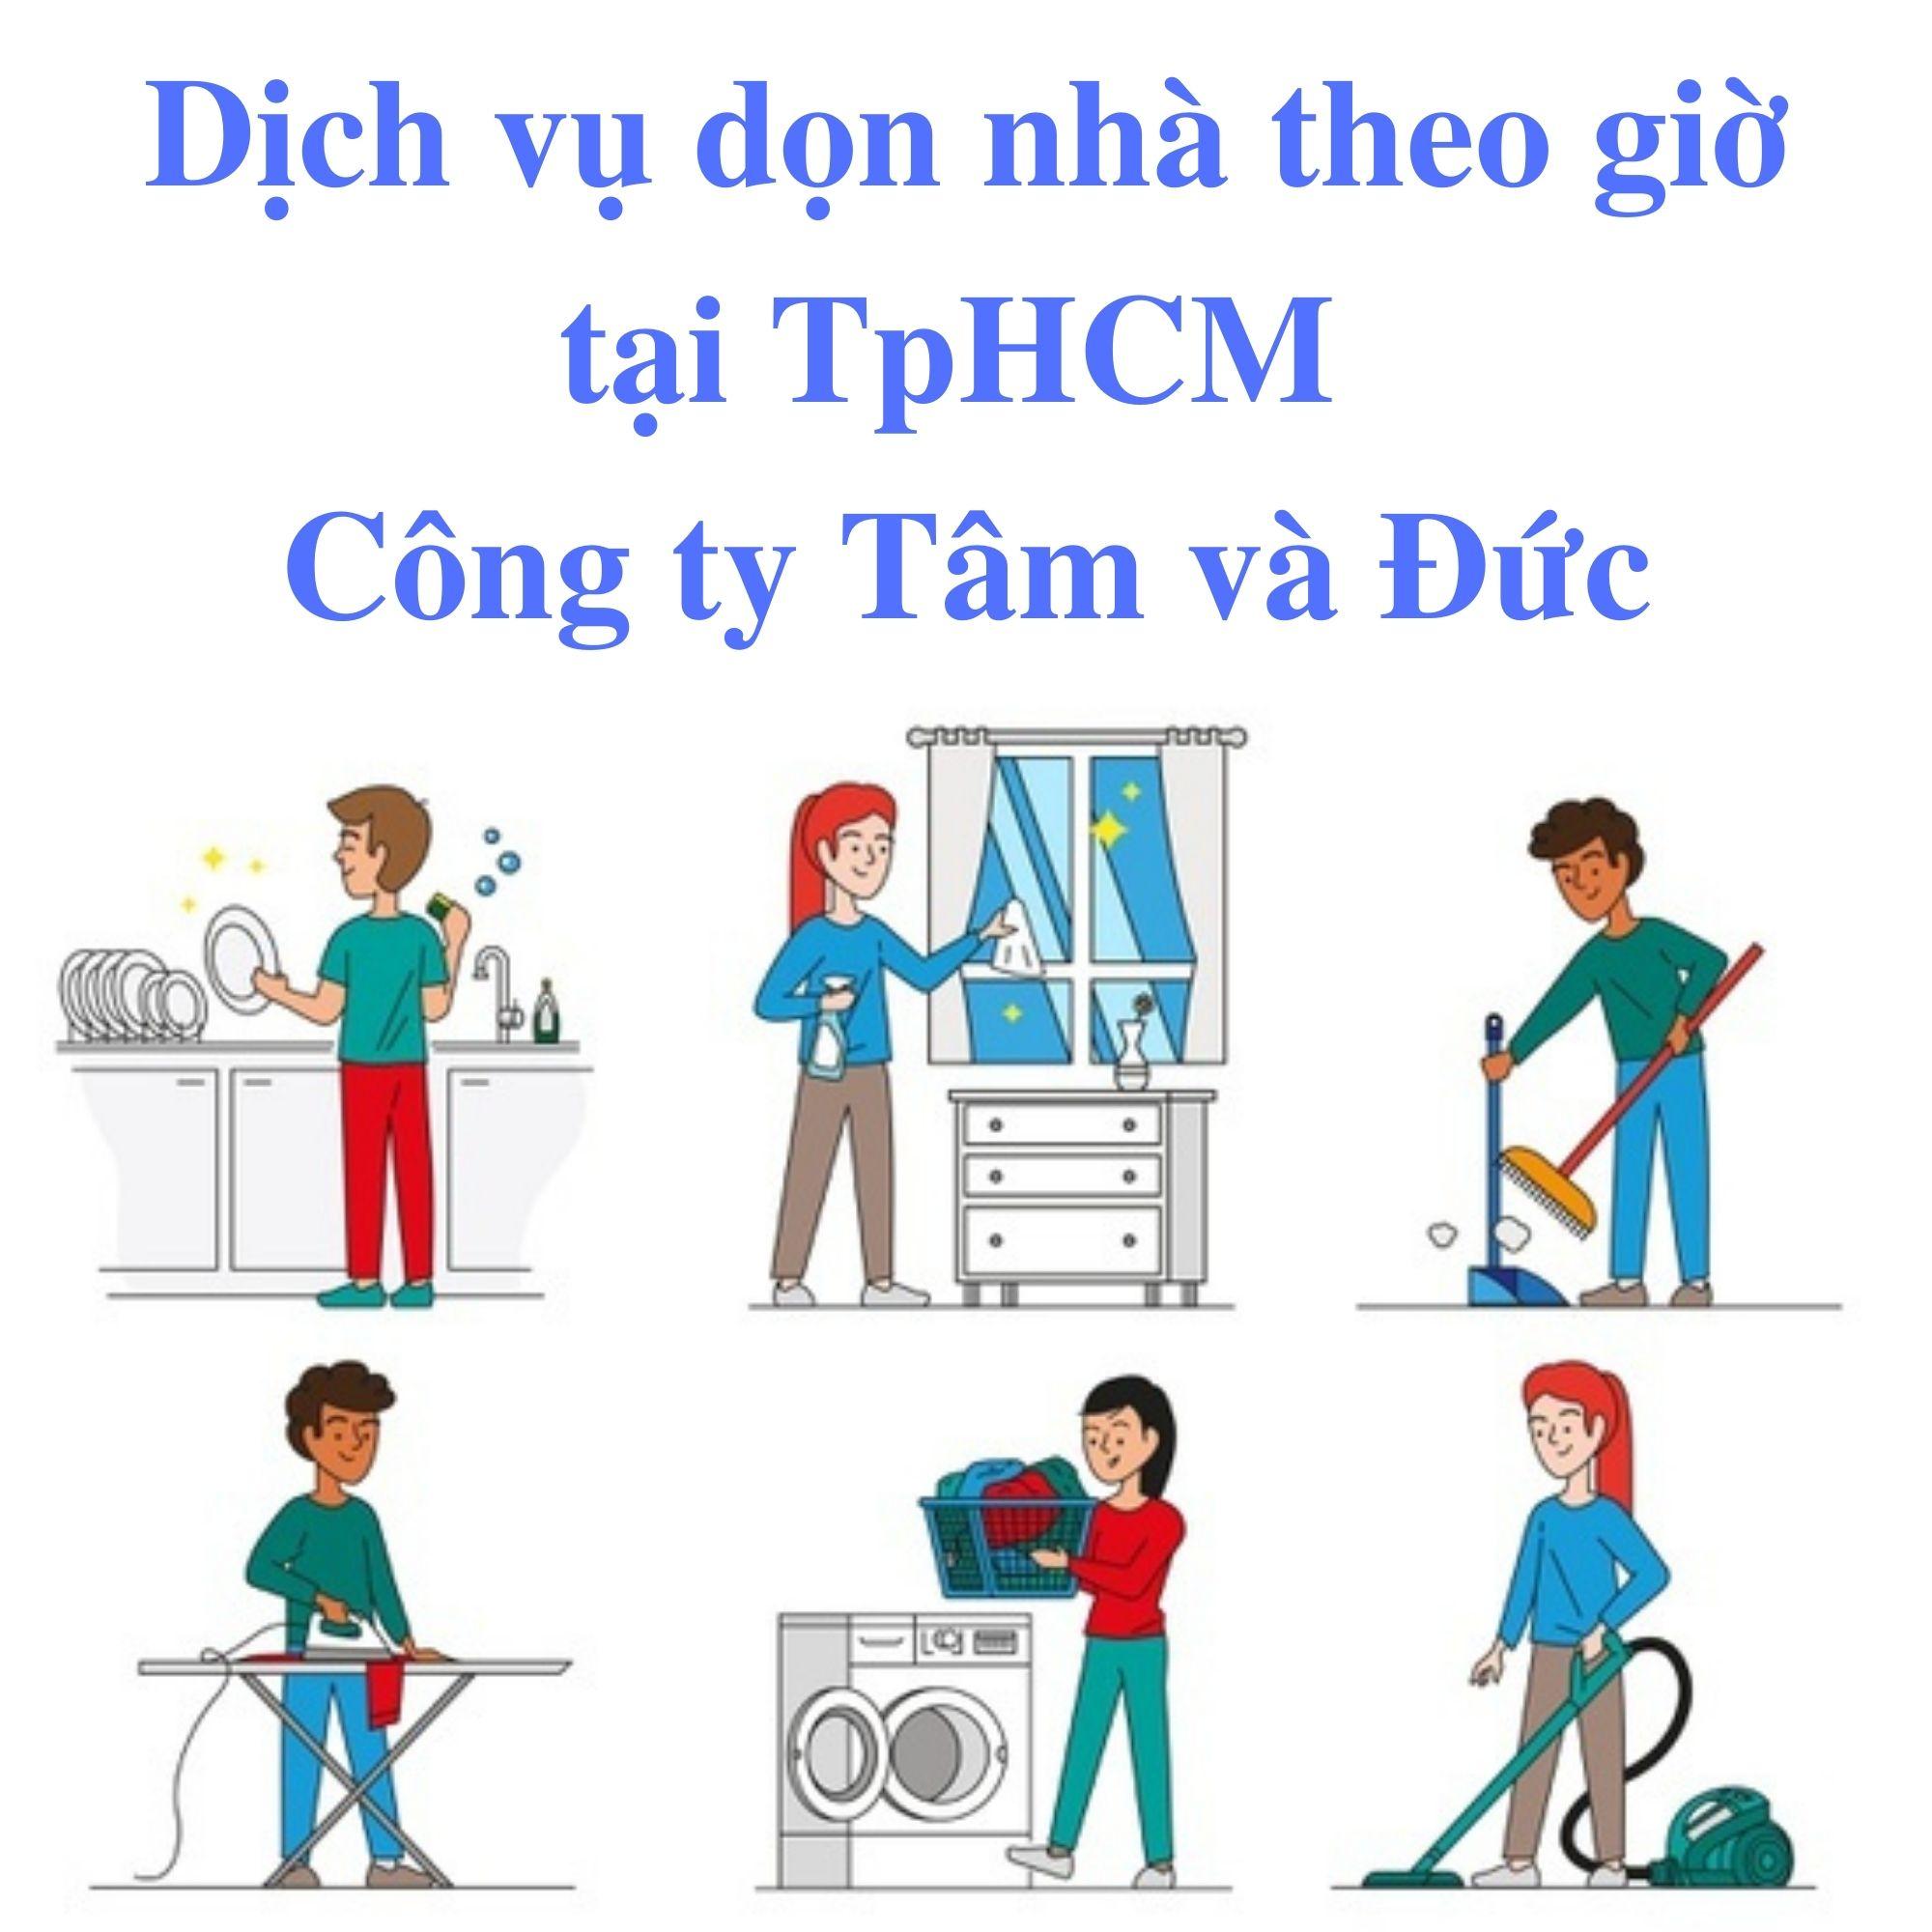 Dịch Vụ Dọn Nhà Theo Giờ TpHCM [Đặt Lịch Nhanh Chóng]